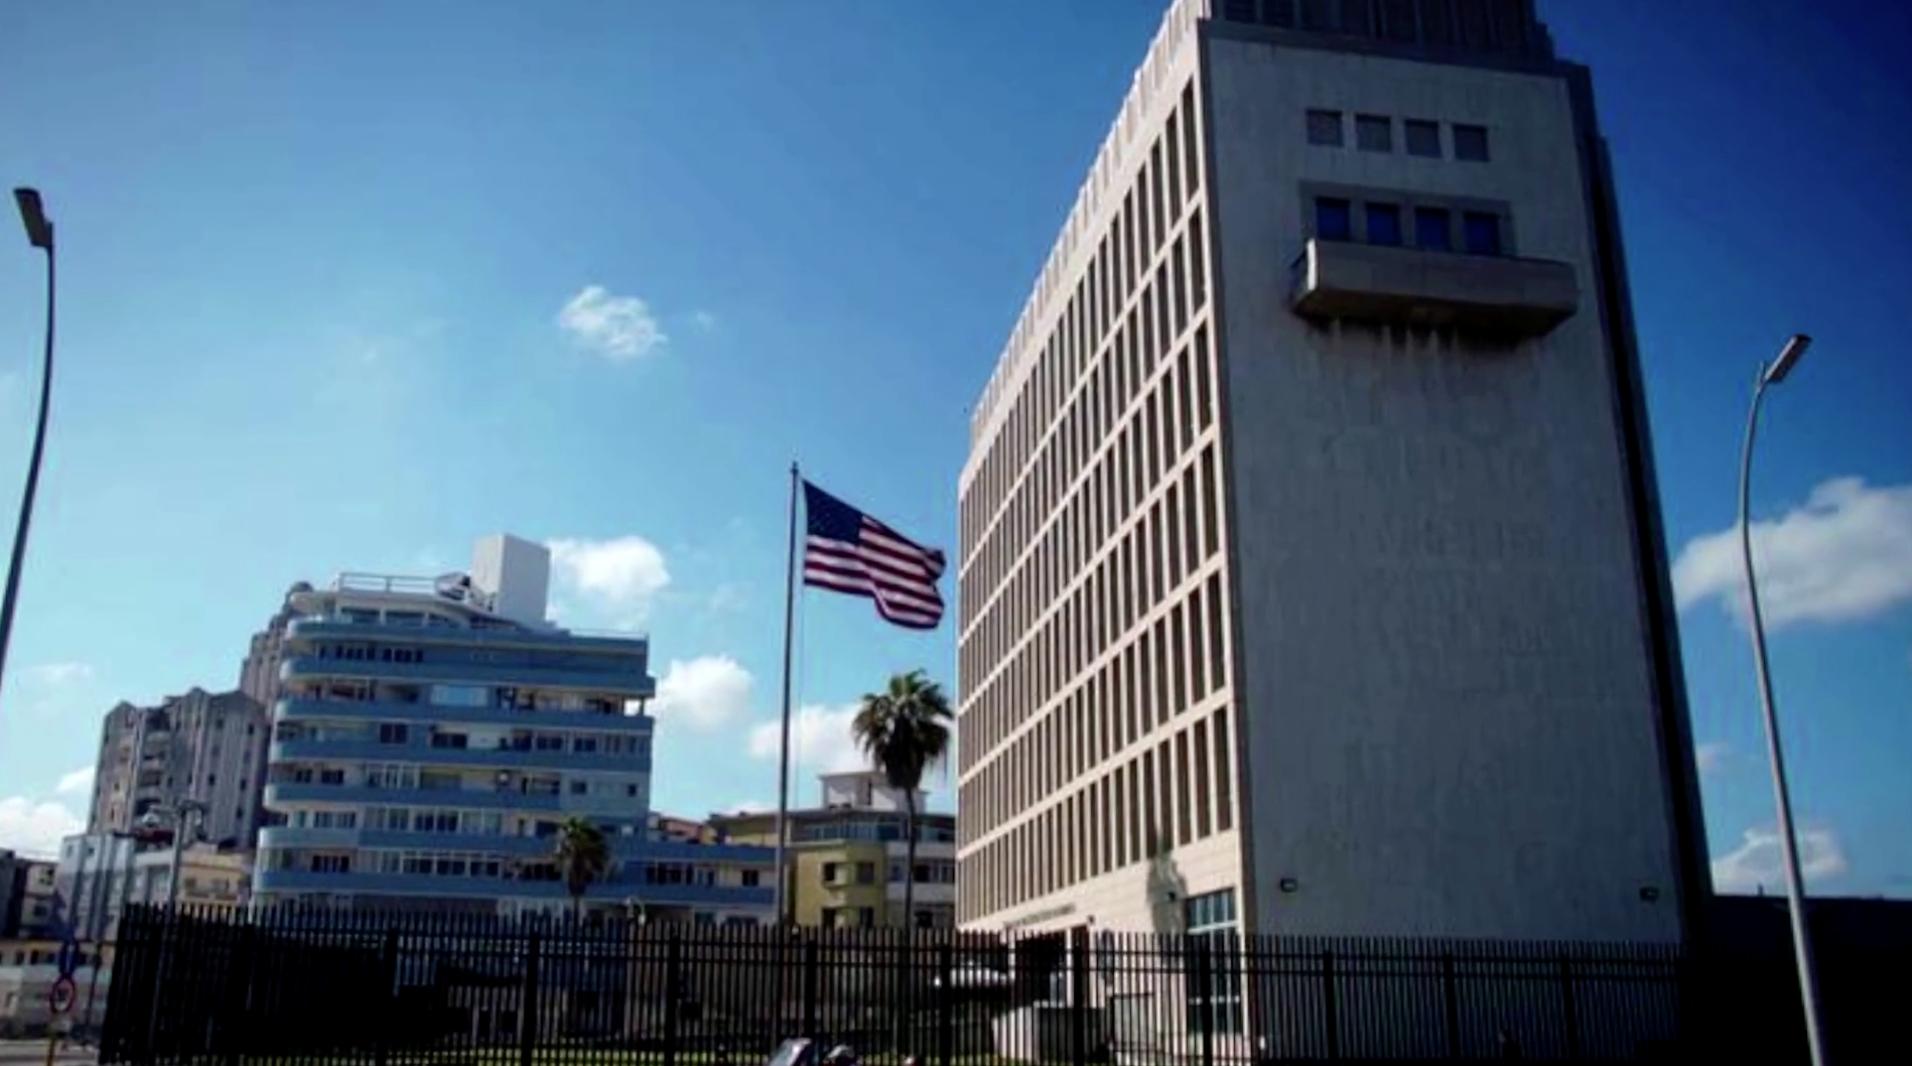 Sĩ quan dẫn đầu cuộc săn lùng Bin Laden sẽ trở thành lãnh đạo đội đặc nhiệm CIA về hội chứng Havana